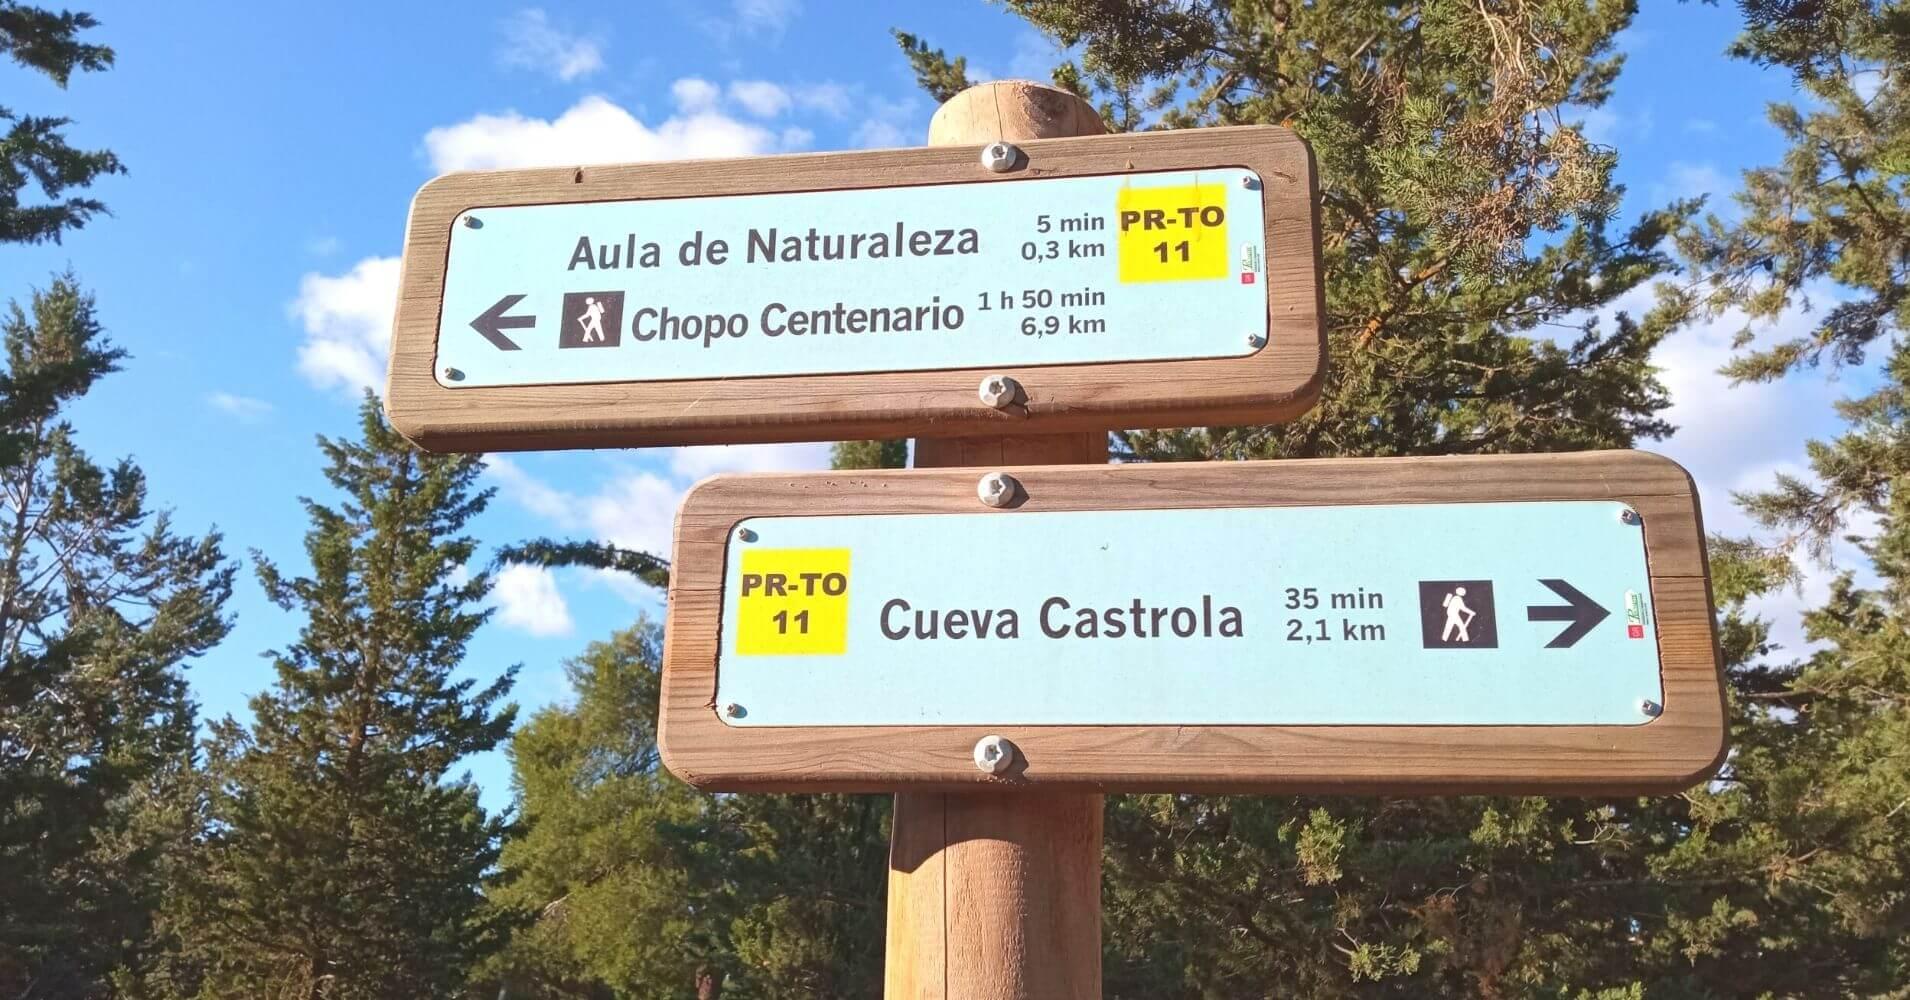 Poste de Direcciones del Pr-To 11 Senda del Lince. Madridejos, Toledo. Castilla La Mancha.